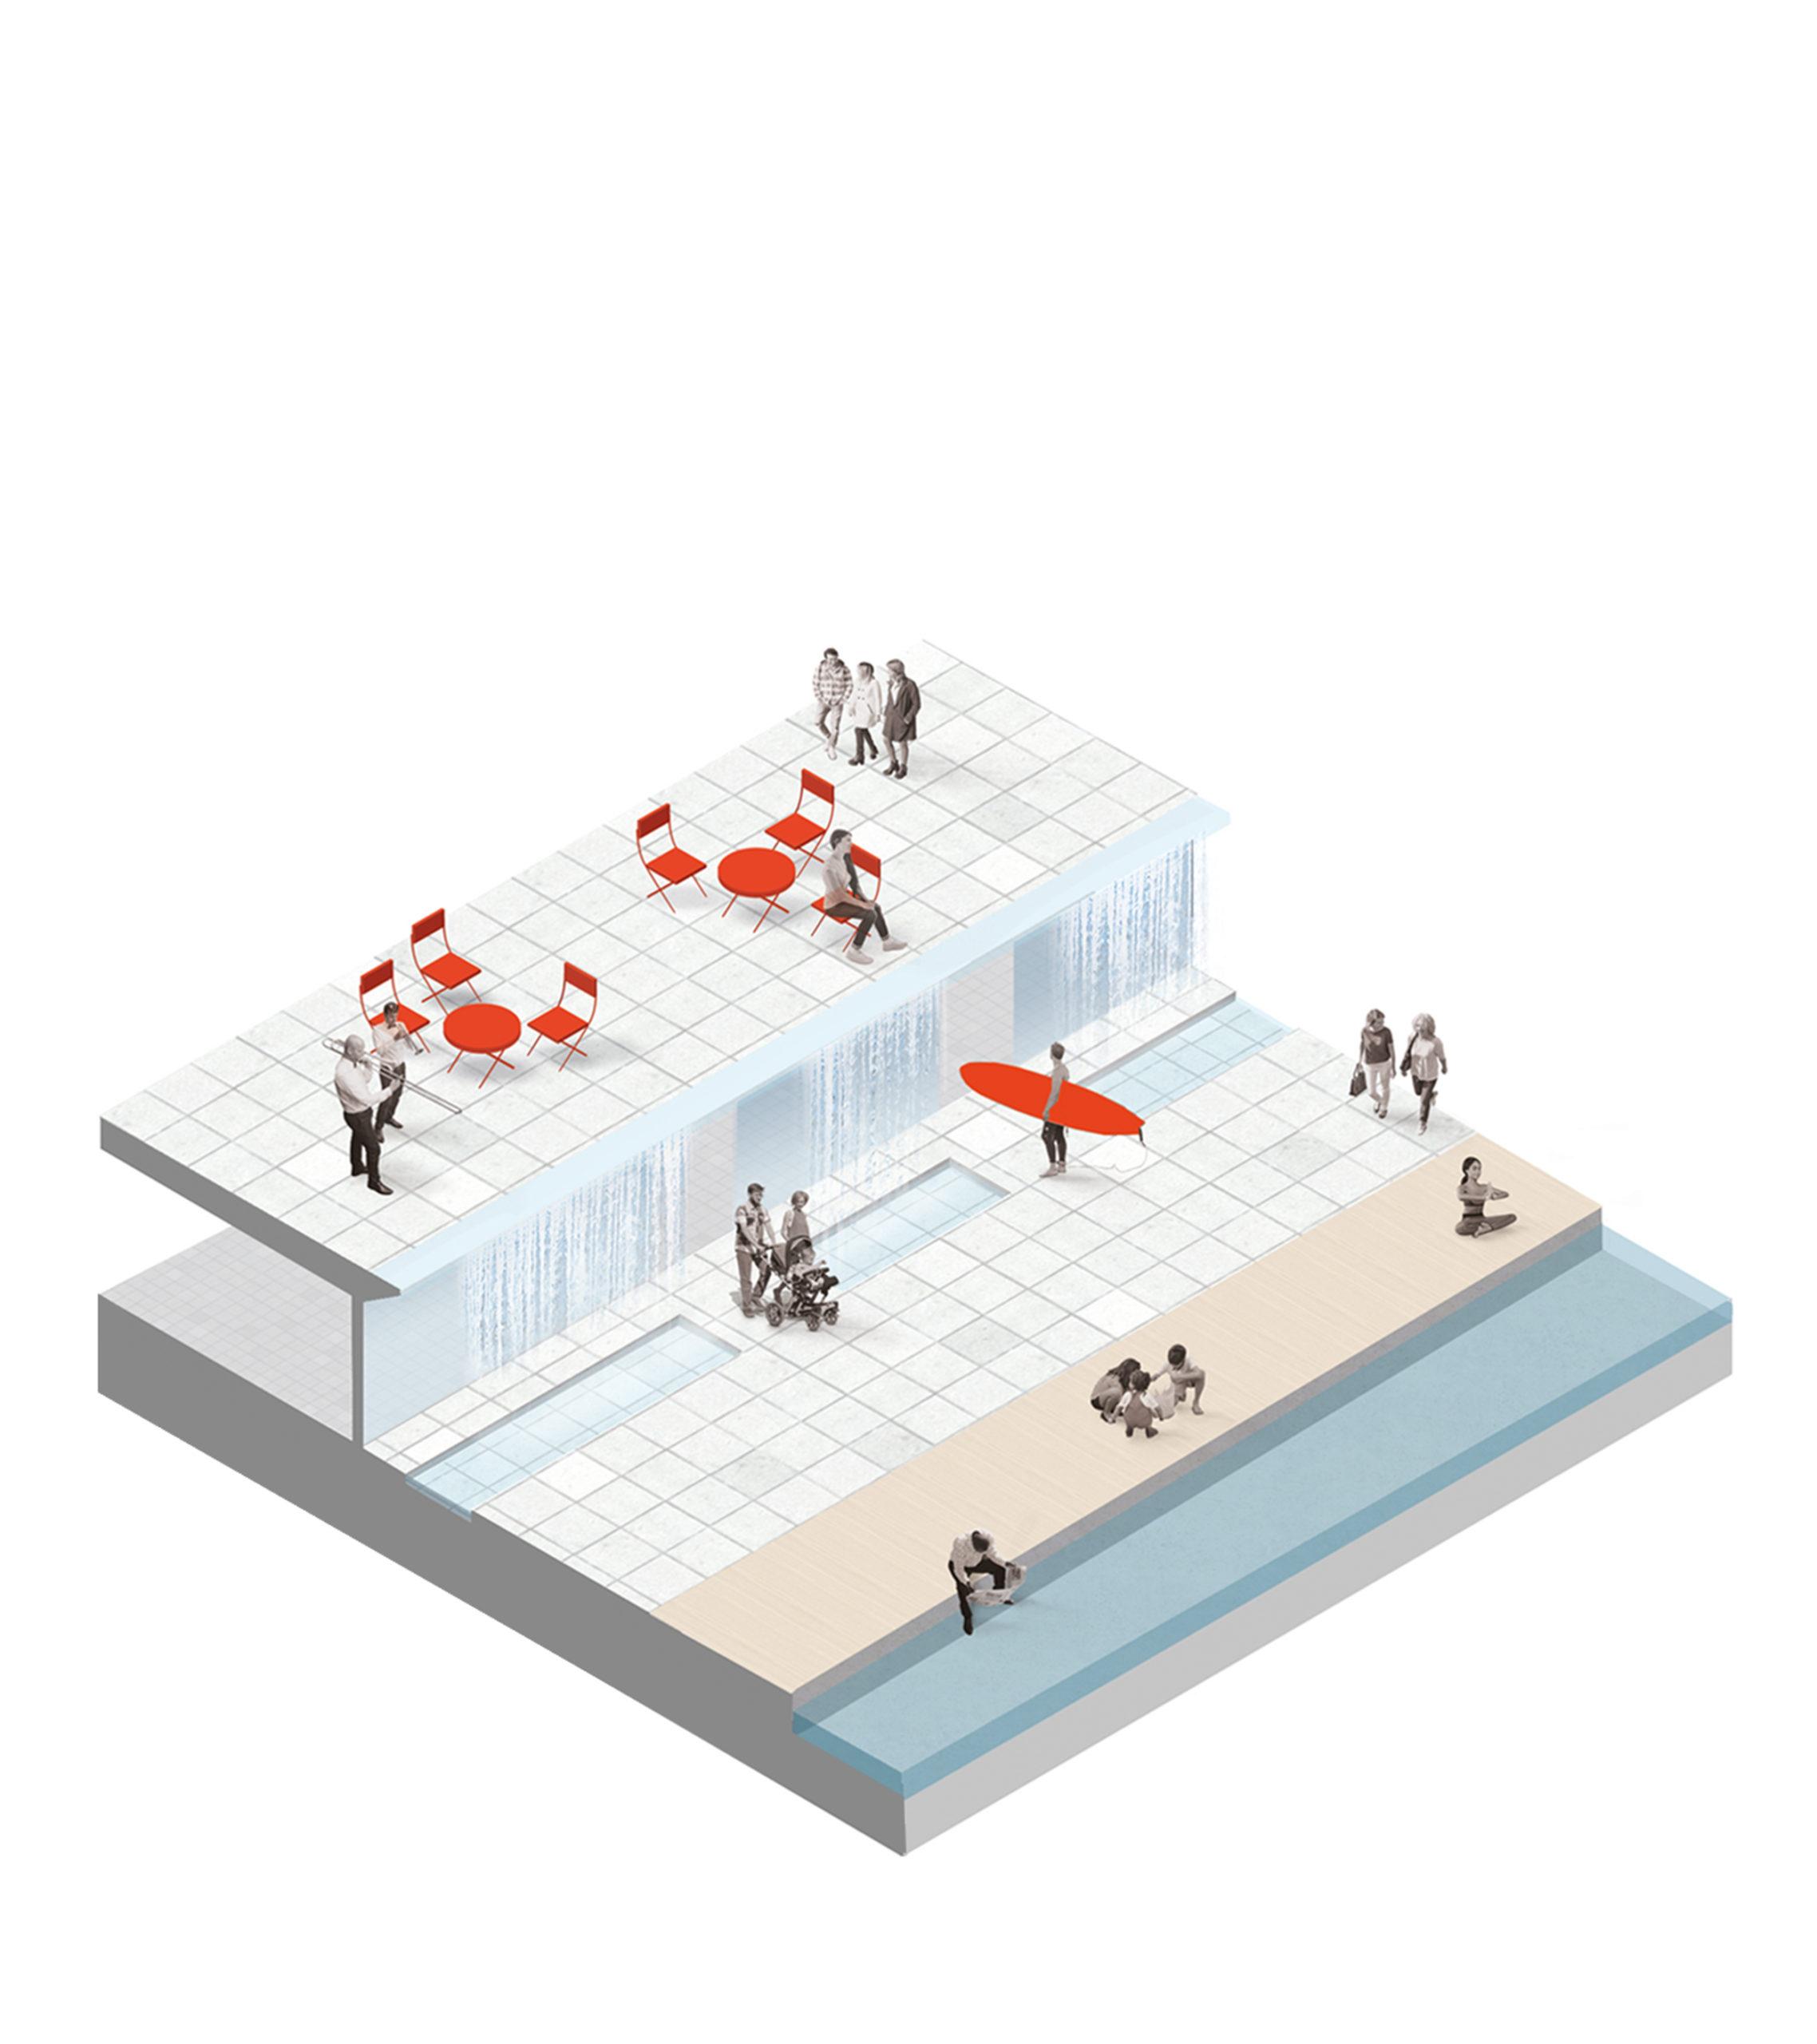 Amfin arkkitehtuurisuunnittelu sisältää rauhaisan vesielementin.